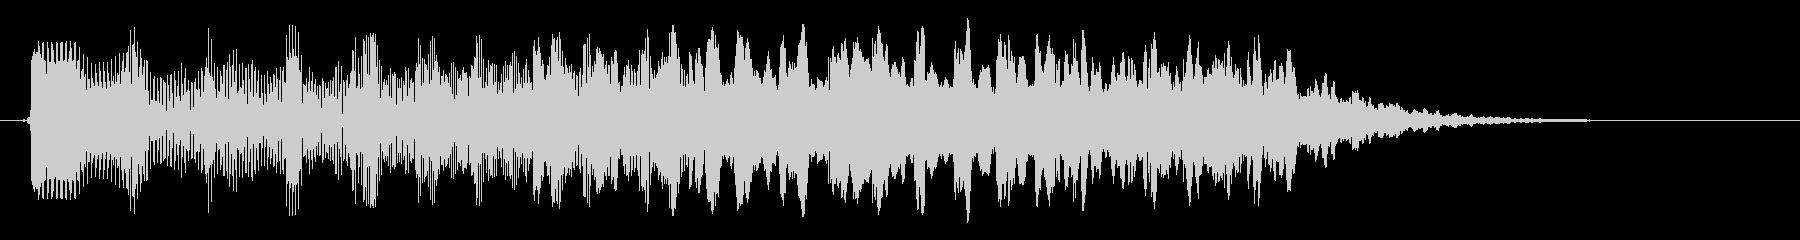 キラキラリン(アップグレード)の未再生の波形